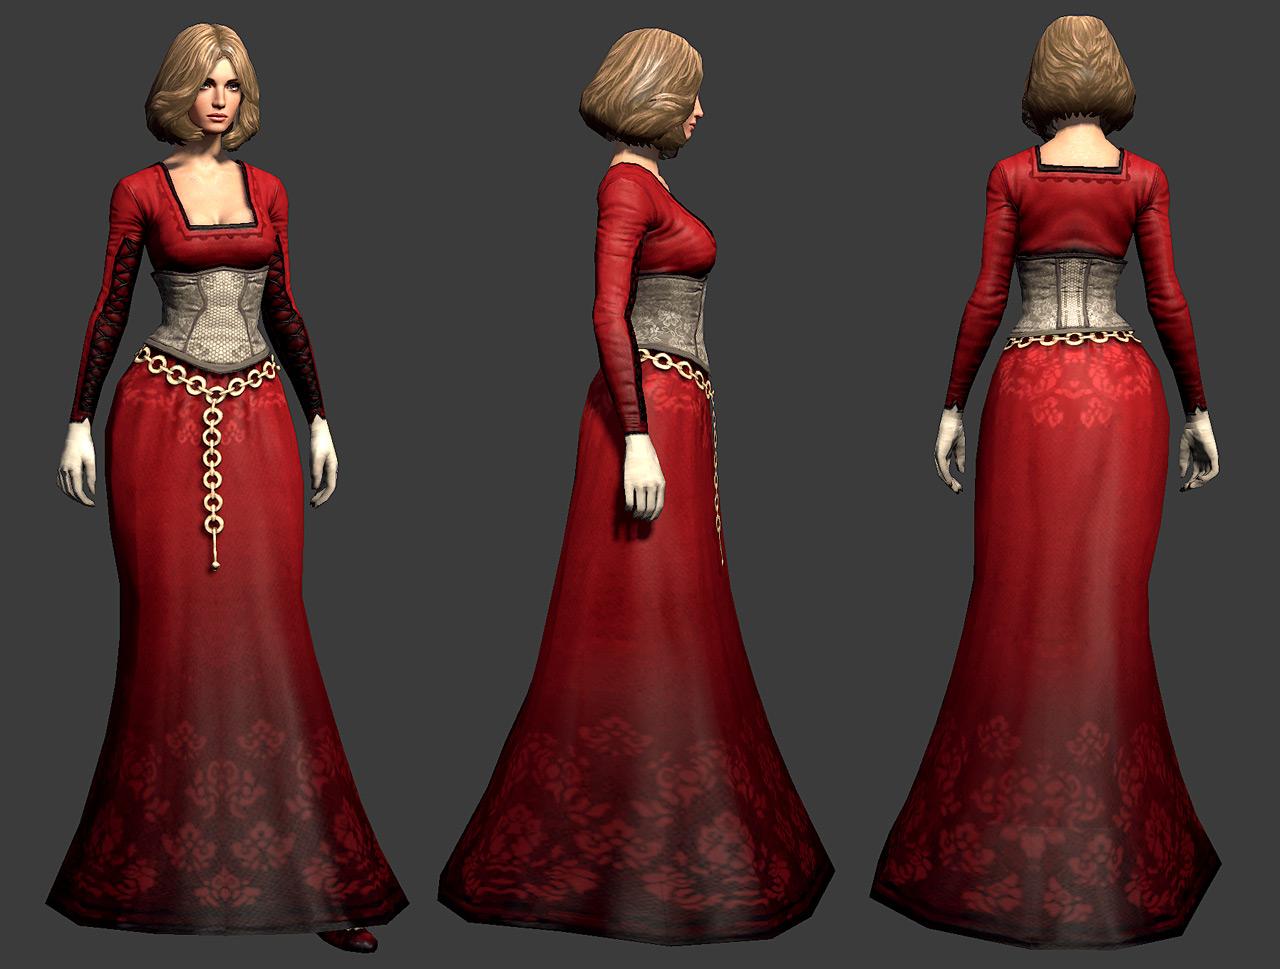 Guild Wars 2: Human Dress by YeeWu